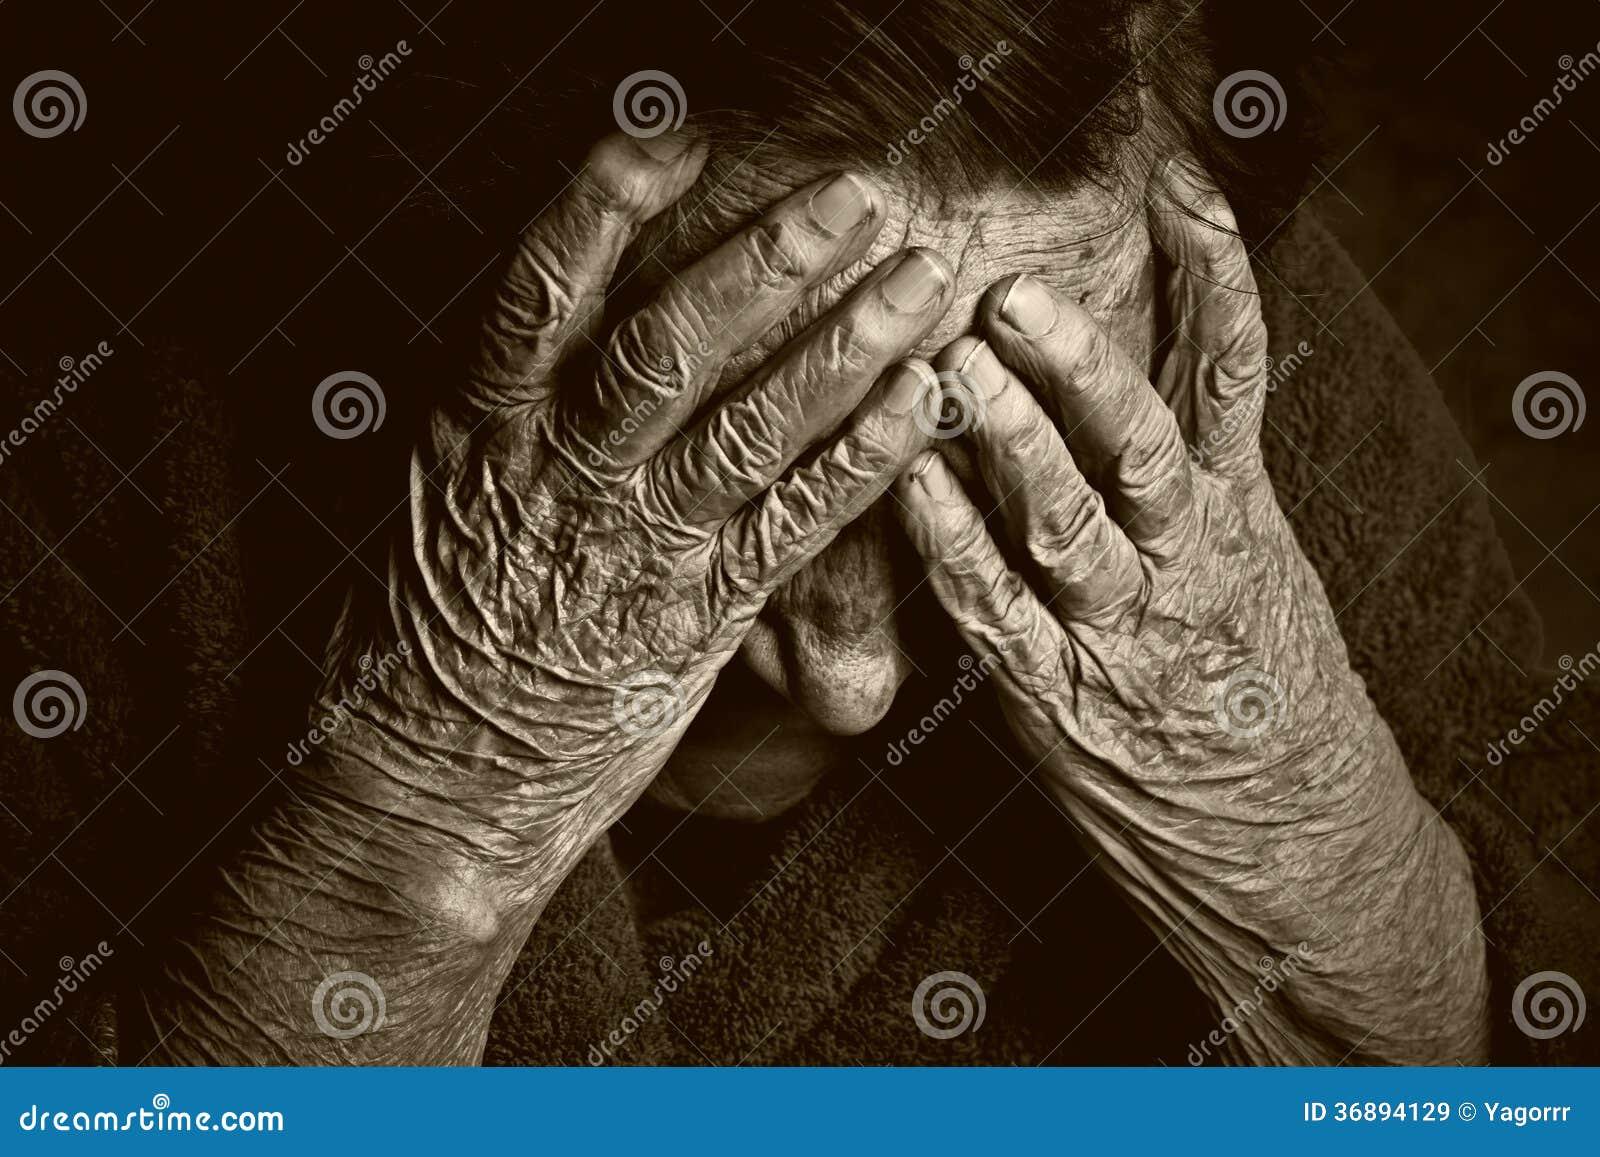 Download Ritratto Di Una Donna Anziana Immagine Stock - Immagine di età, tonalità: 36894129